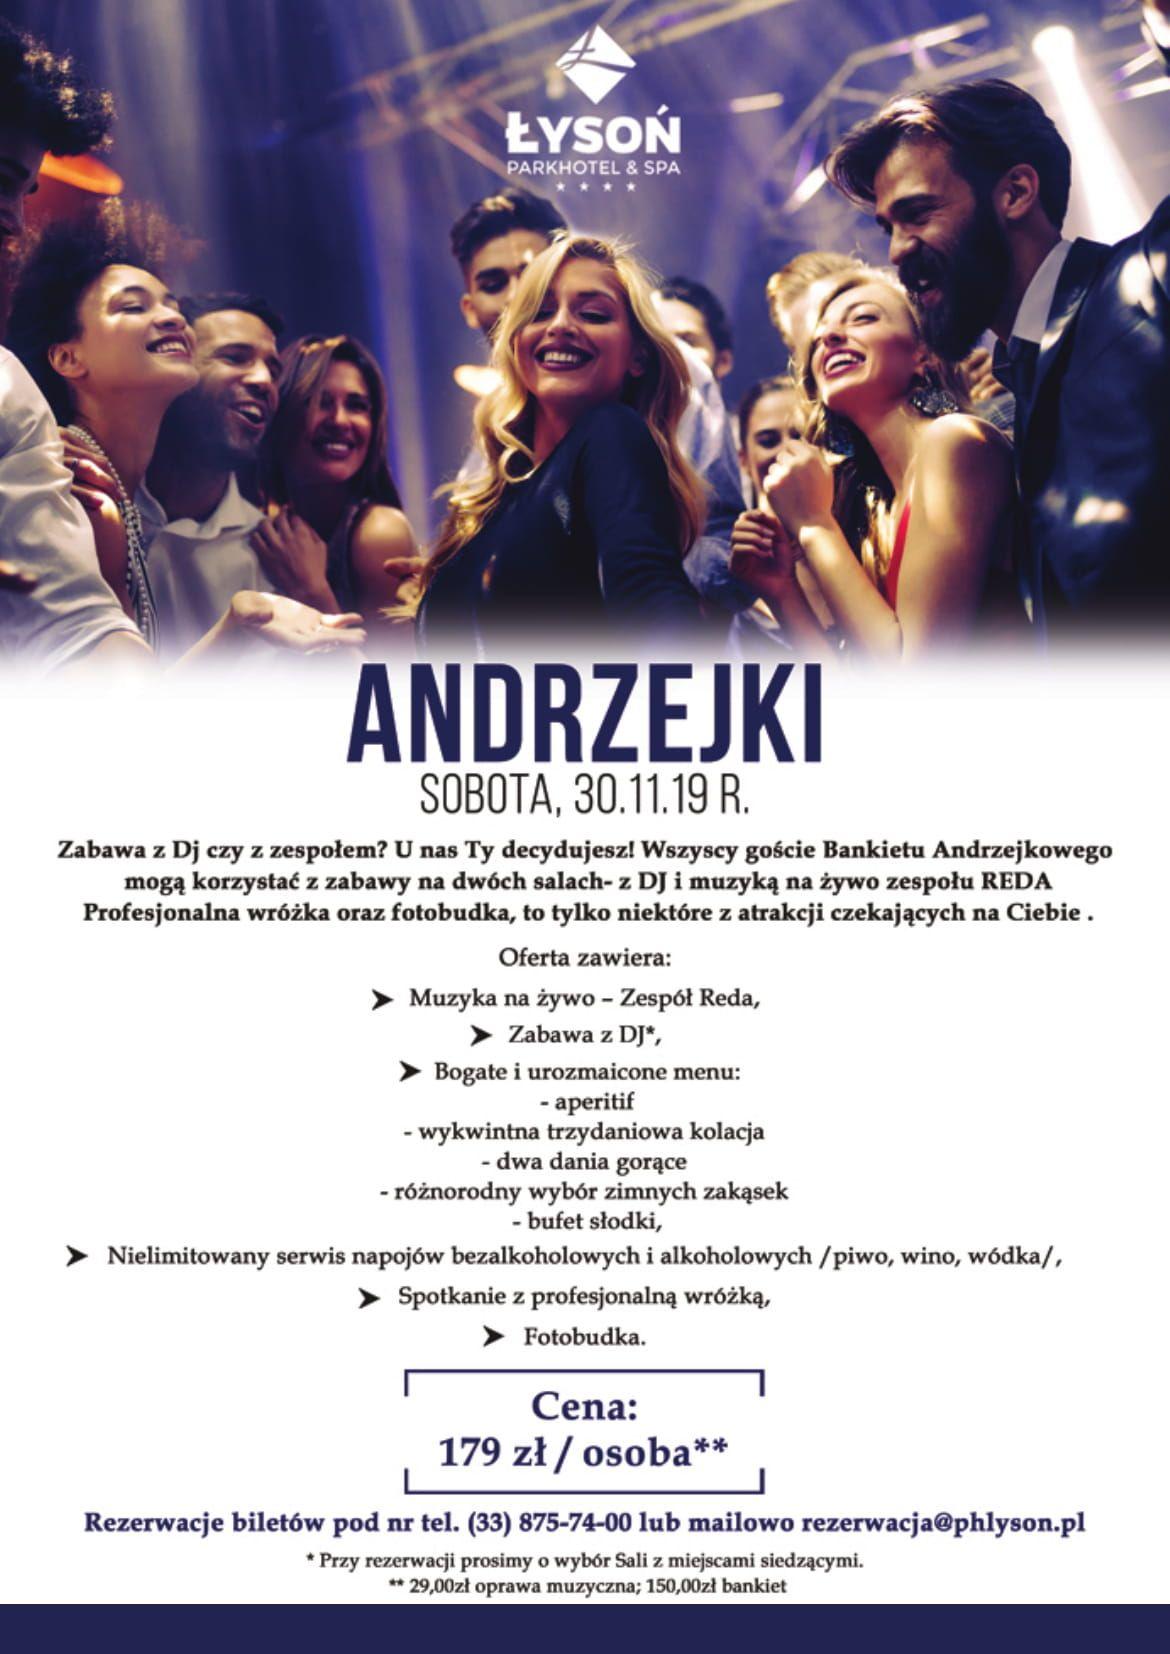 Andrzejki w Park Hotel Łysoń. Zobacz szczegóły